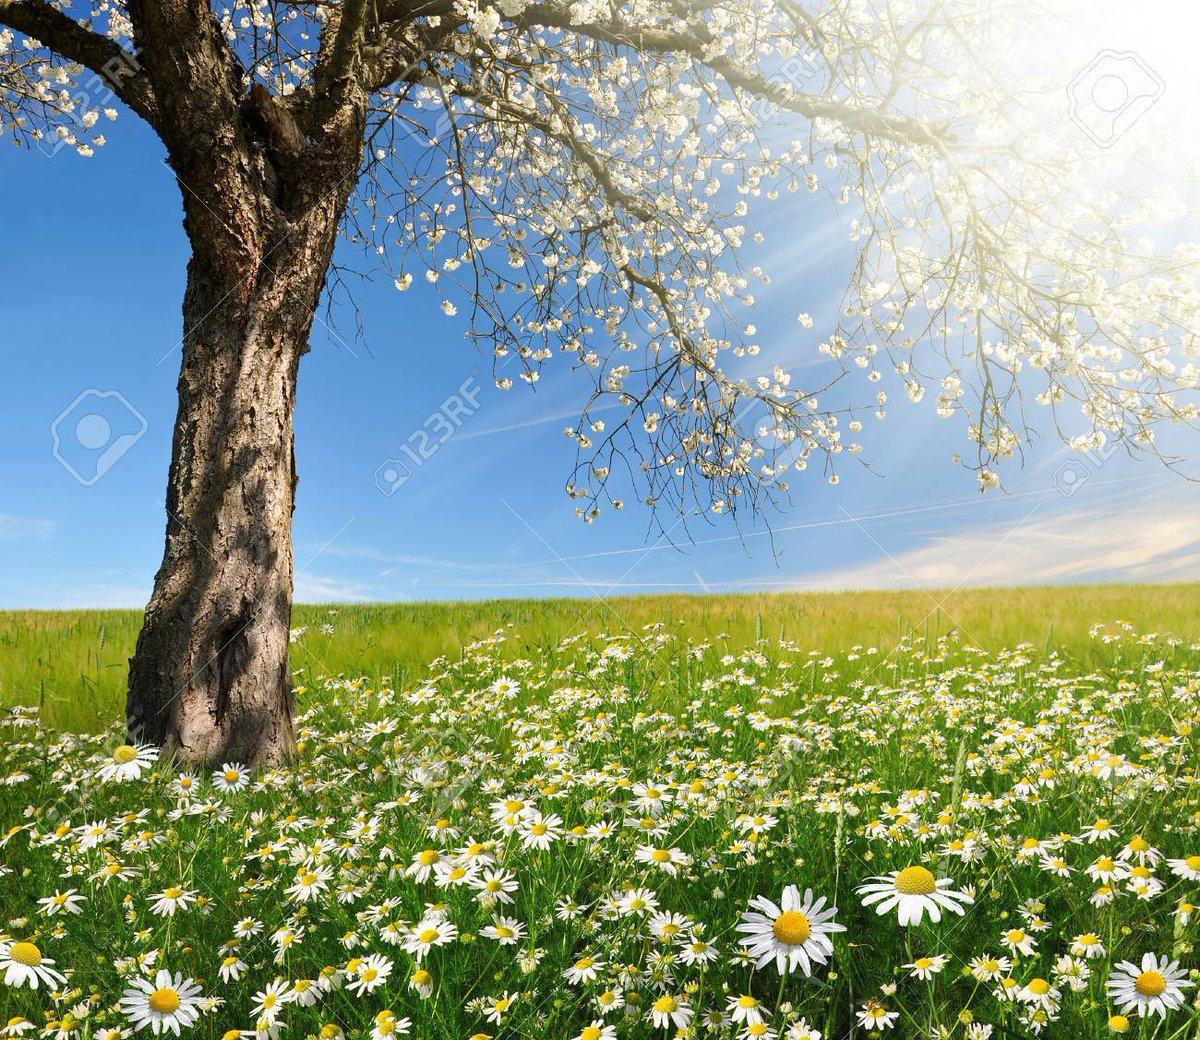 """Comencemos nuestro día con la oración, poniéndonos en la presencia de Dios:  Recemos con el Salmo 91: """"Es bueno dar gracias al Señor y tocar para tu nombre, oh Altísimo, proclamar por la mañana tu misericordia y de noche tu fidelidad"""" #Oracion #Cuaresma2021"""